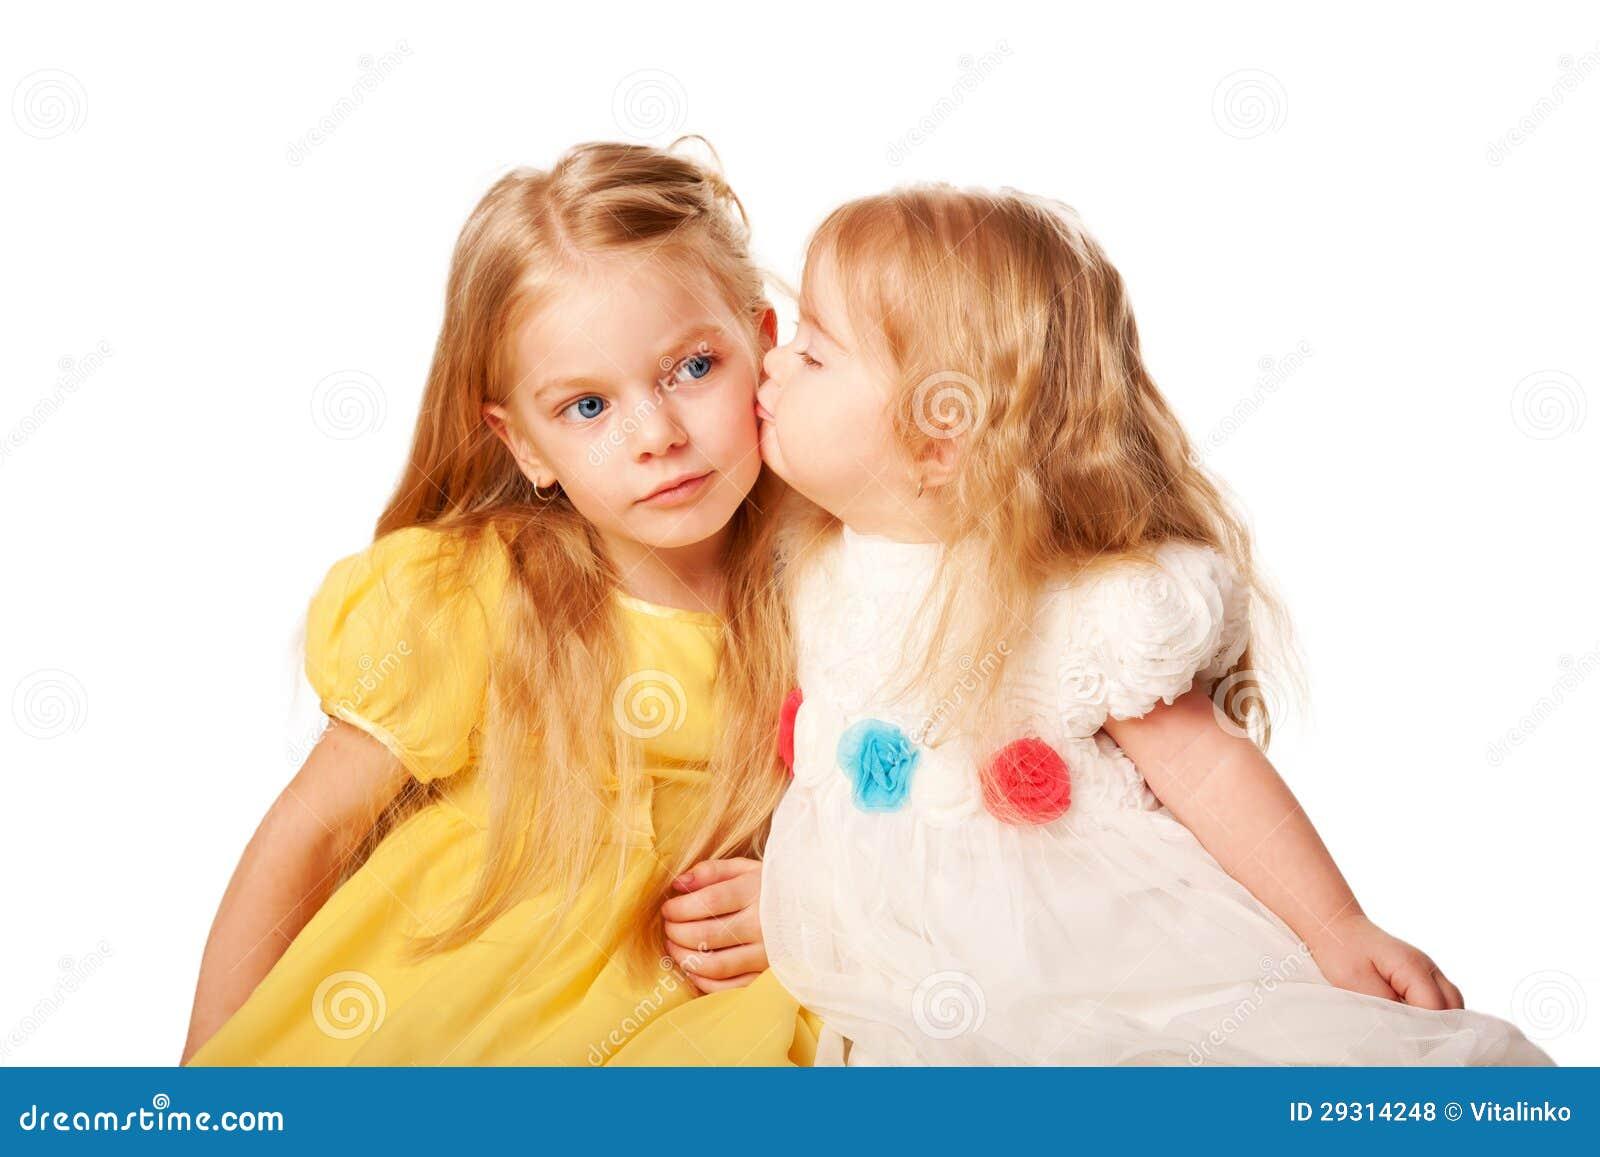 younger sister kissing elder sister royalty free stock little girl clipart outline little girl clipart pattern